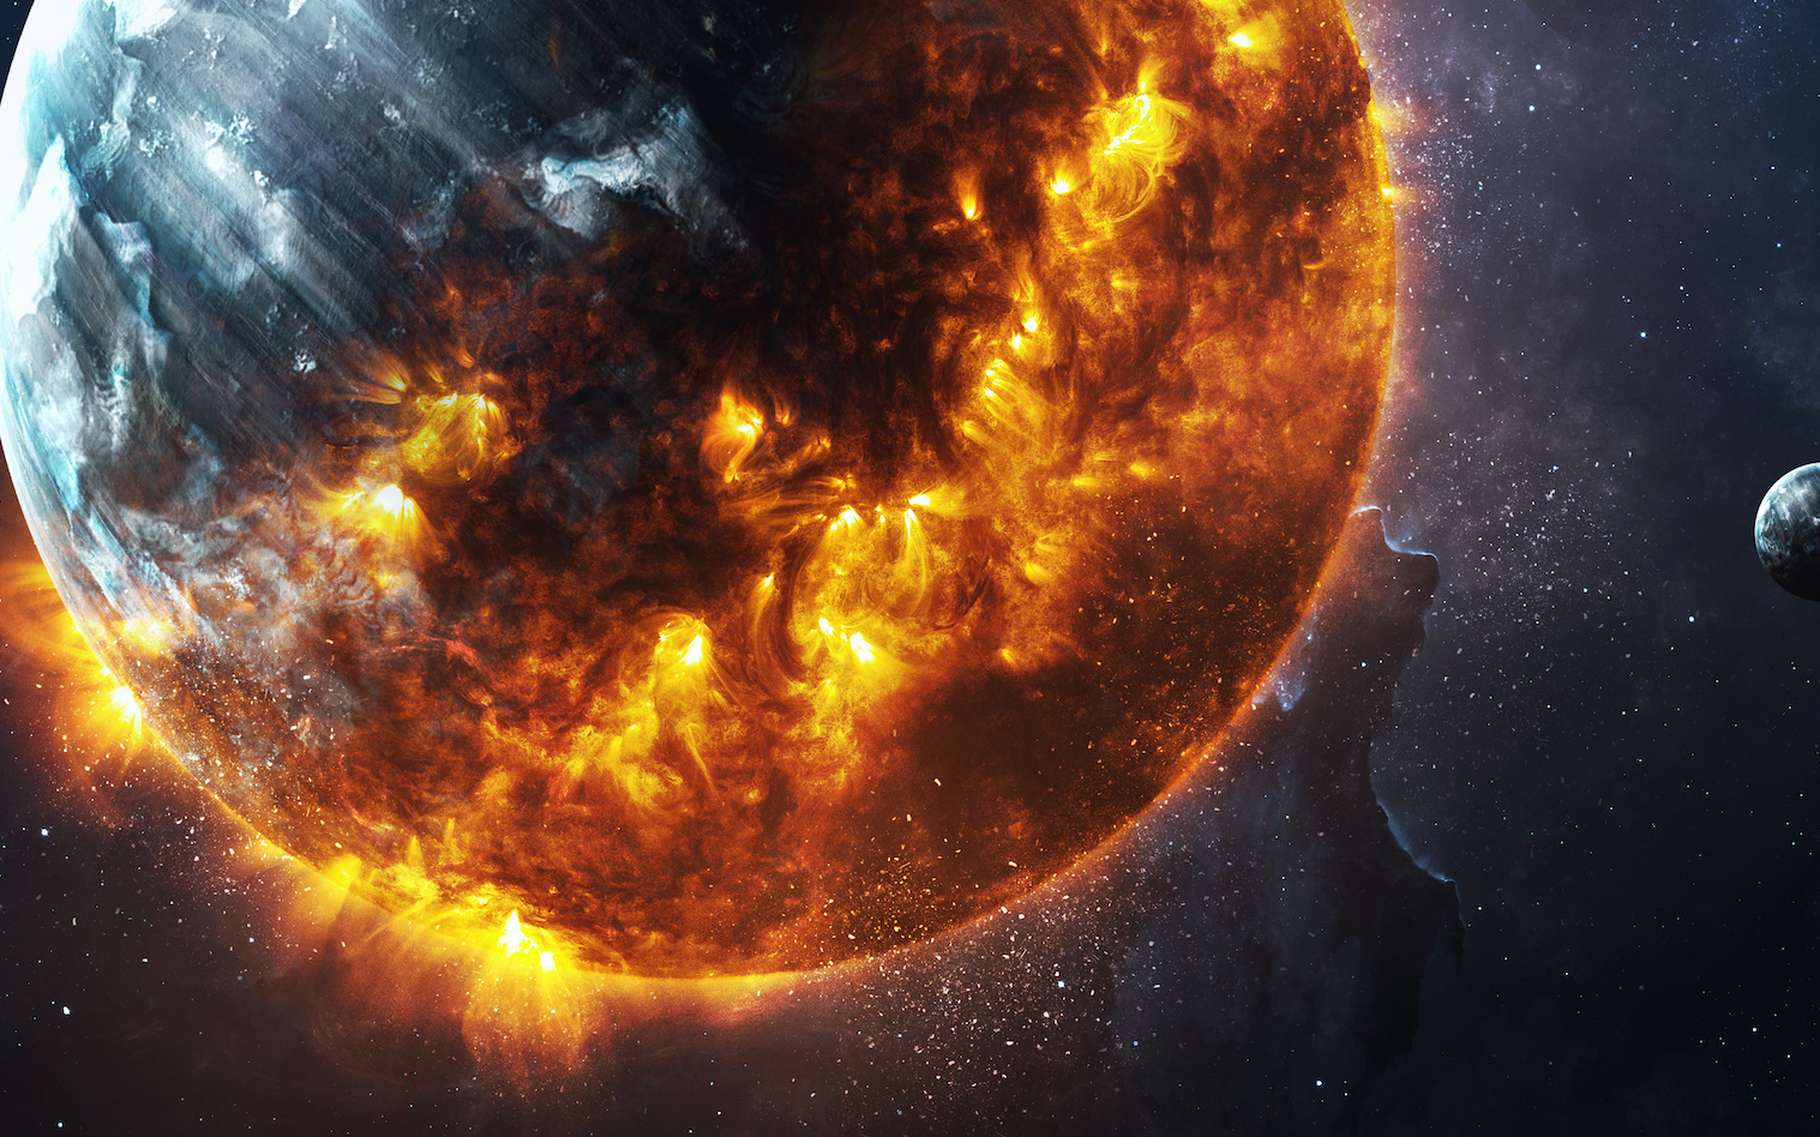 L'horloge de l'apocalypse affiche désormais « 100 secondes seulement avant minuit ». La fin du monde se rapproche. Mais nous pouvons encore changer notre destin. © Vadimsadovski, Adobe Stock